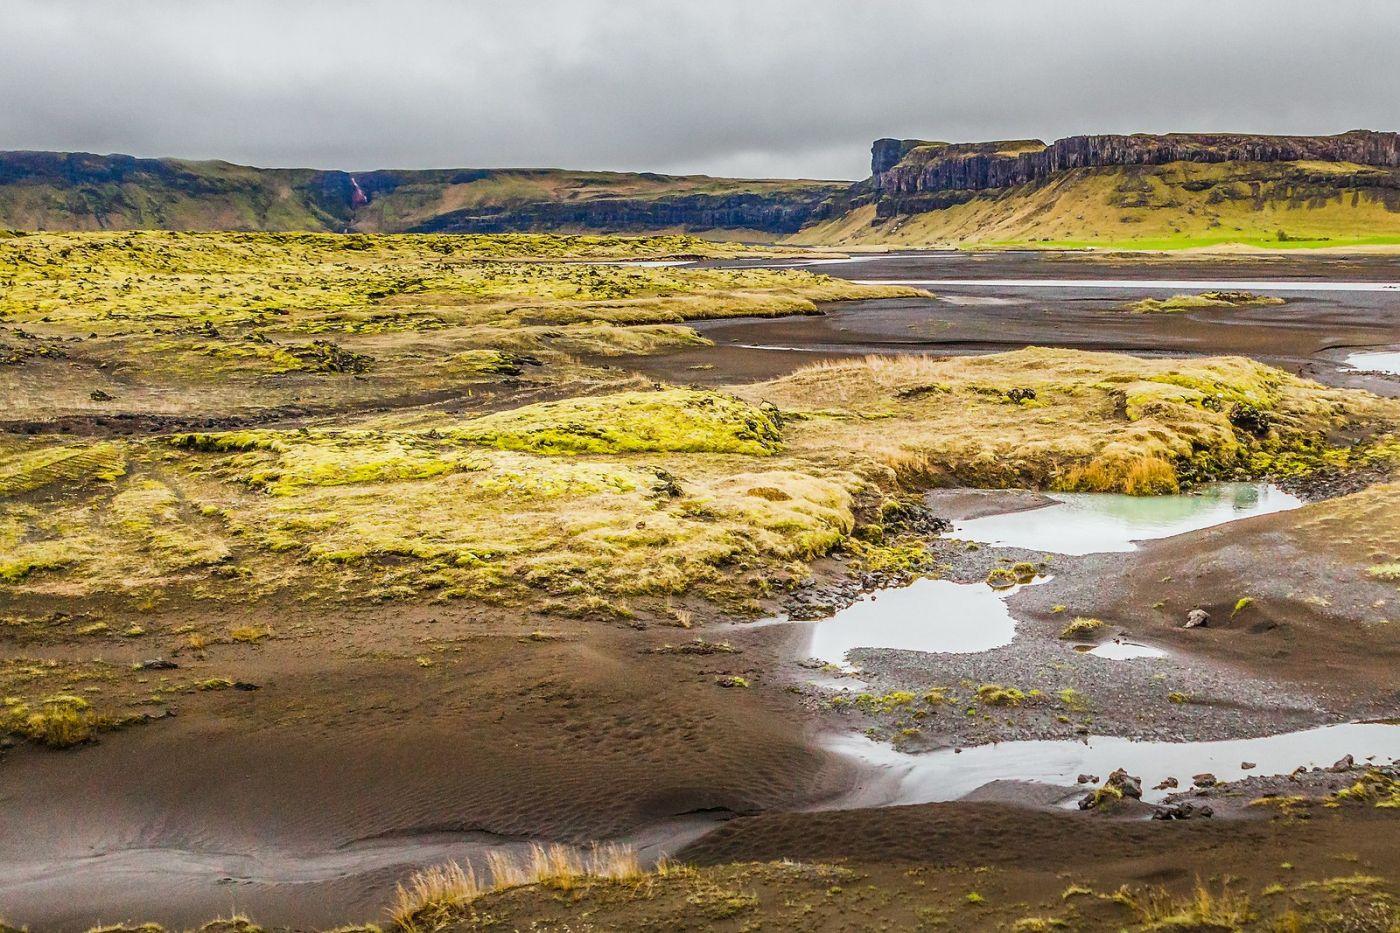 冰岛风采,那一片水景_图1-17